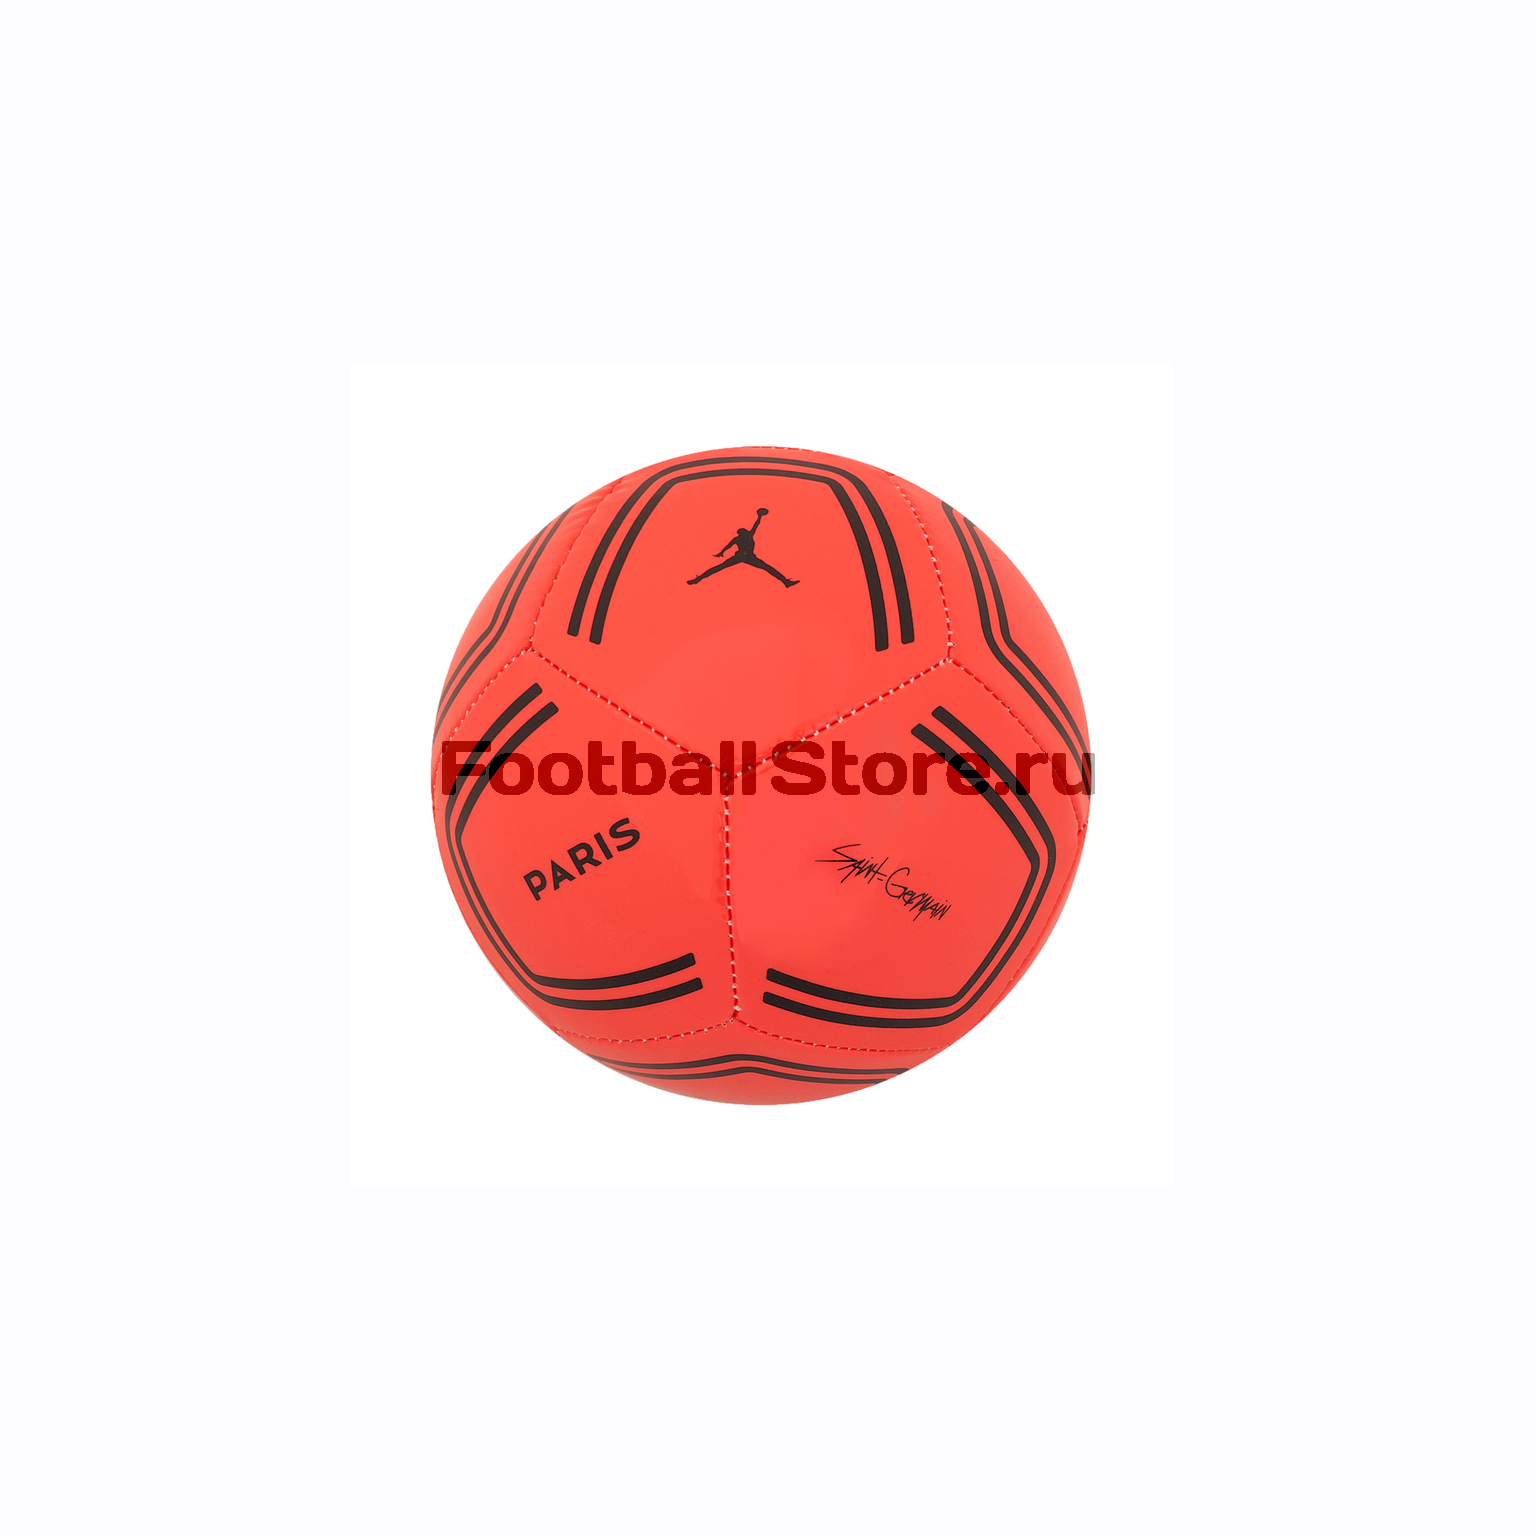 Мяч сувенирный Nike PSG CQ6412-610